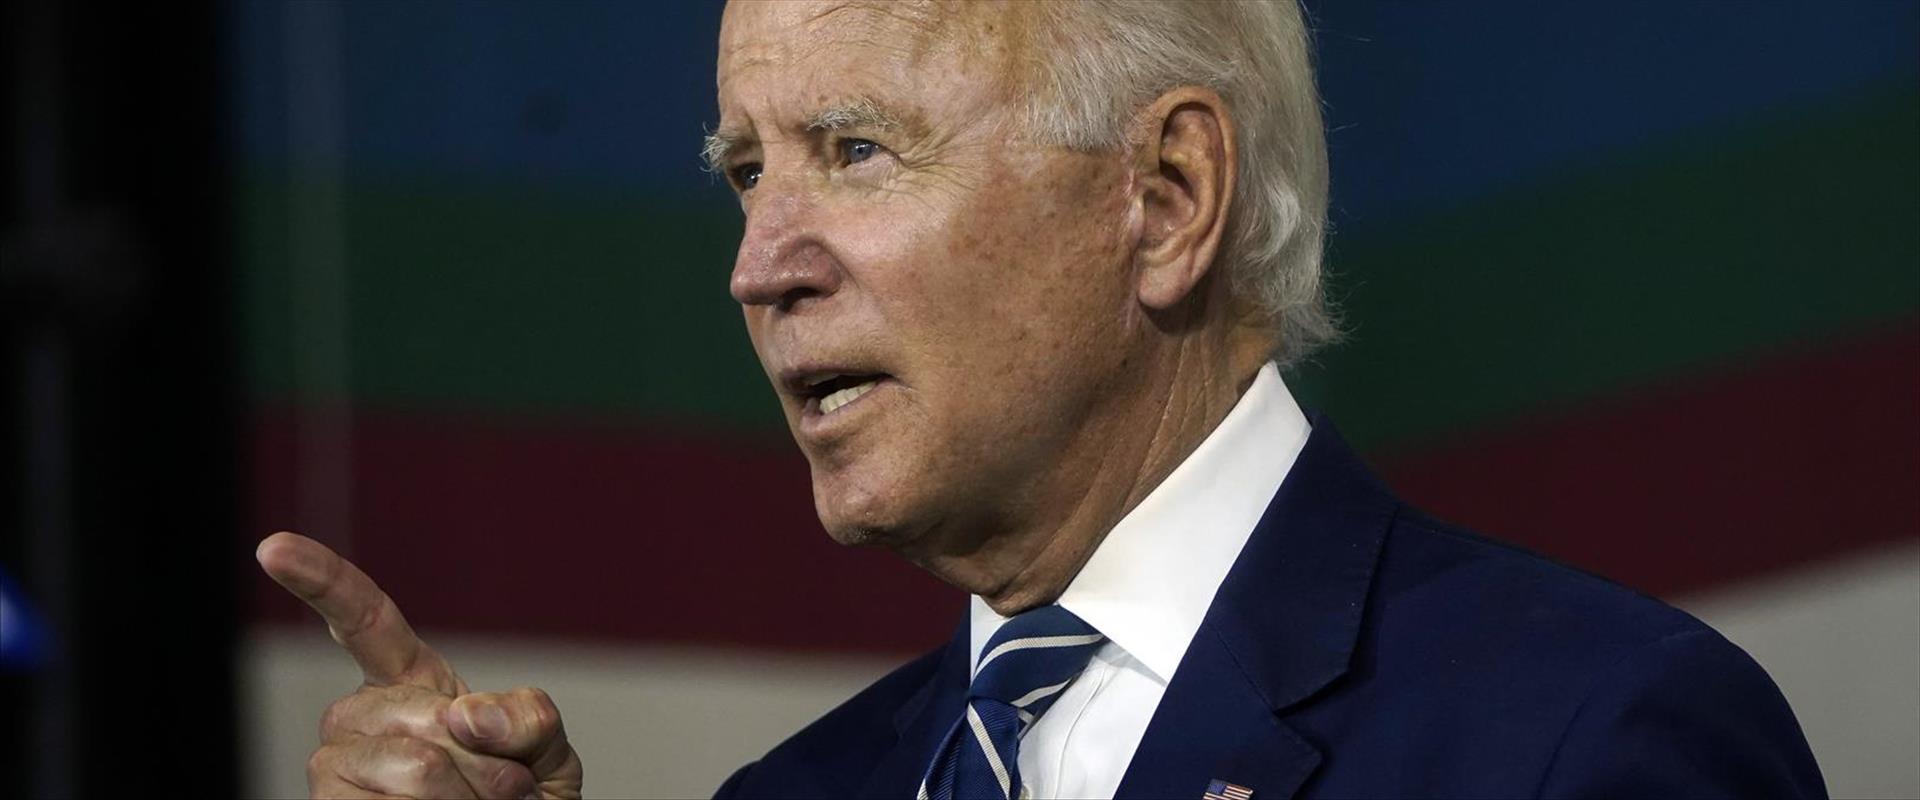 L'administration Biden a secrètement augmenté son aide aux Palestiniens de 65 millions de $